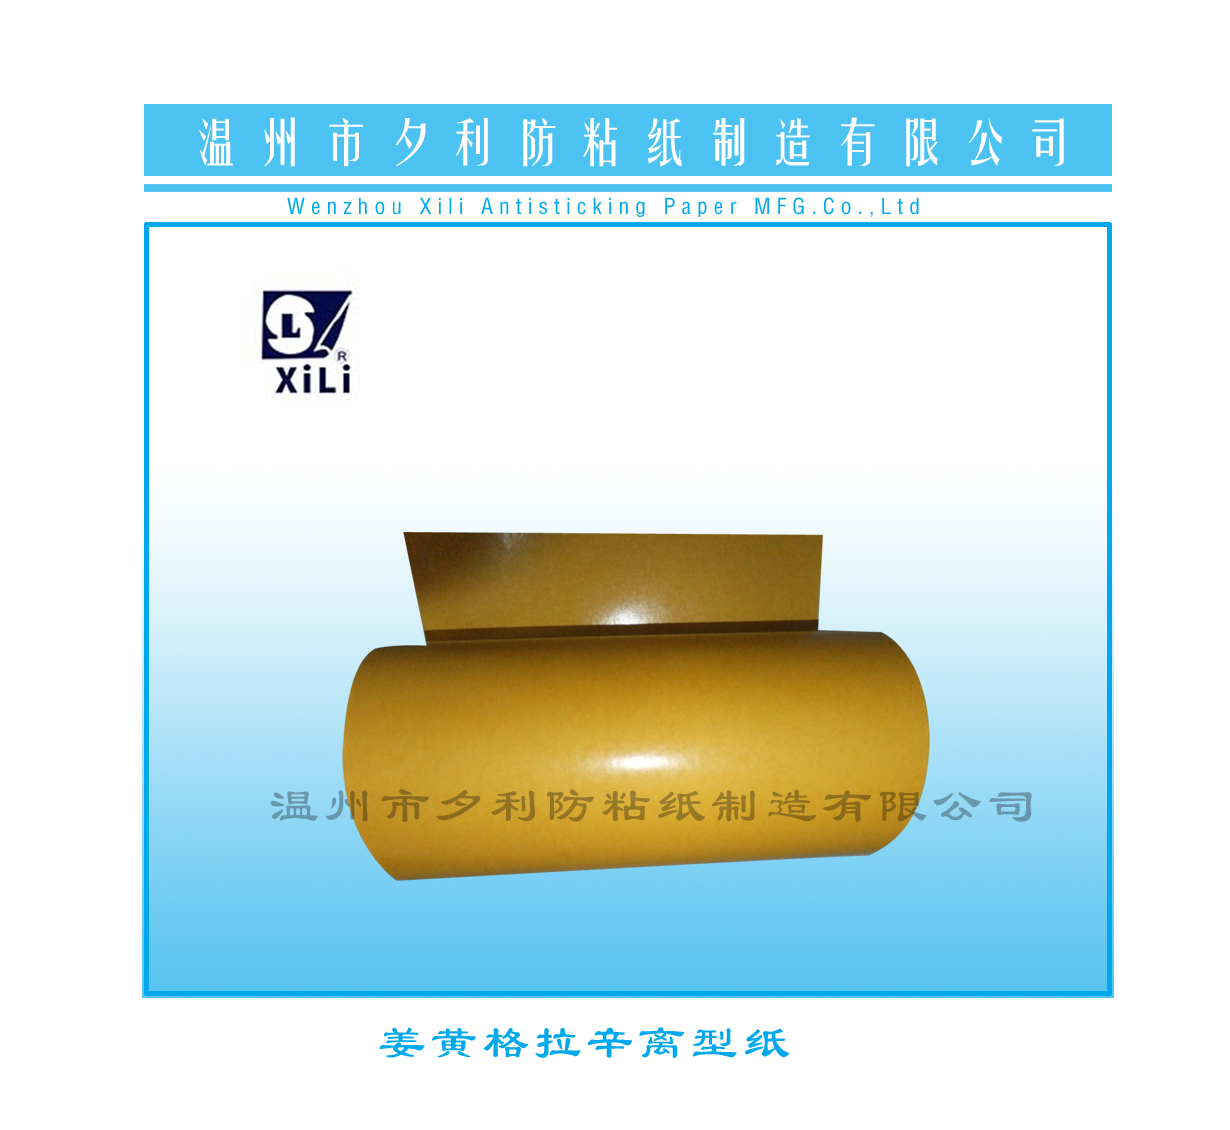 热销推荐 姜黄格拉辛离型纸印刷 双硅烫画用轻离型 品质保障